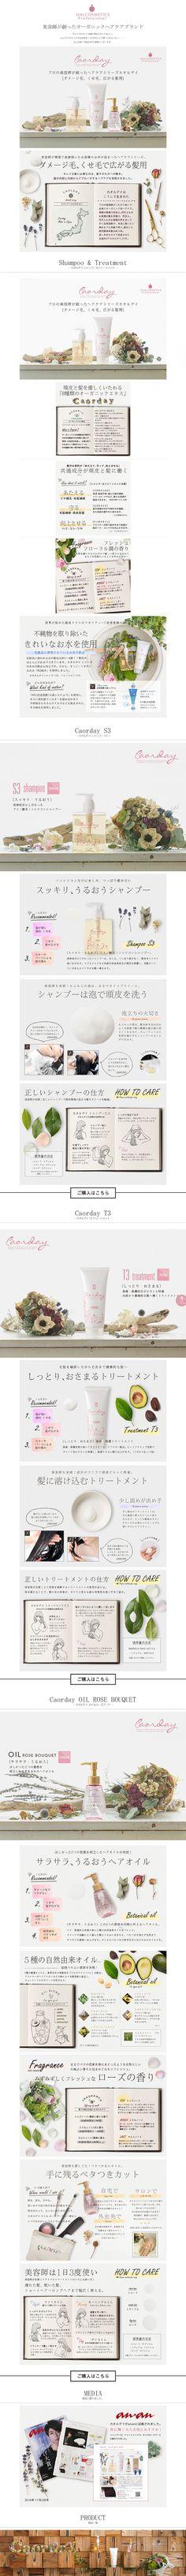 caorday【健康・美容食品関連】のLPデザイン。WEBデザイナーさん必見!ランディングページのデザイン参考に(爽やか系)